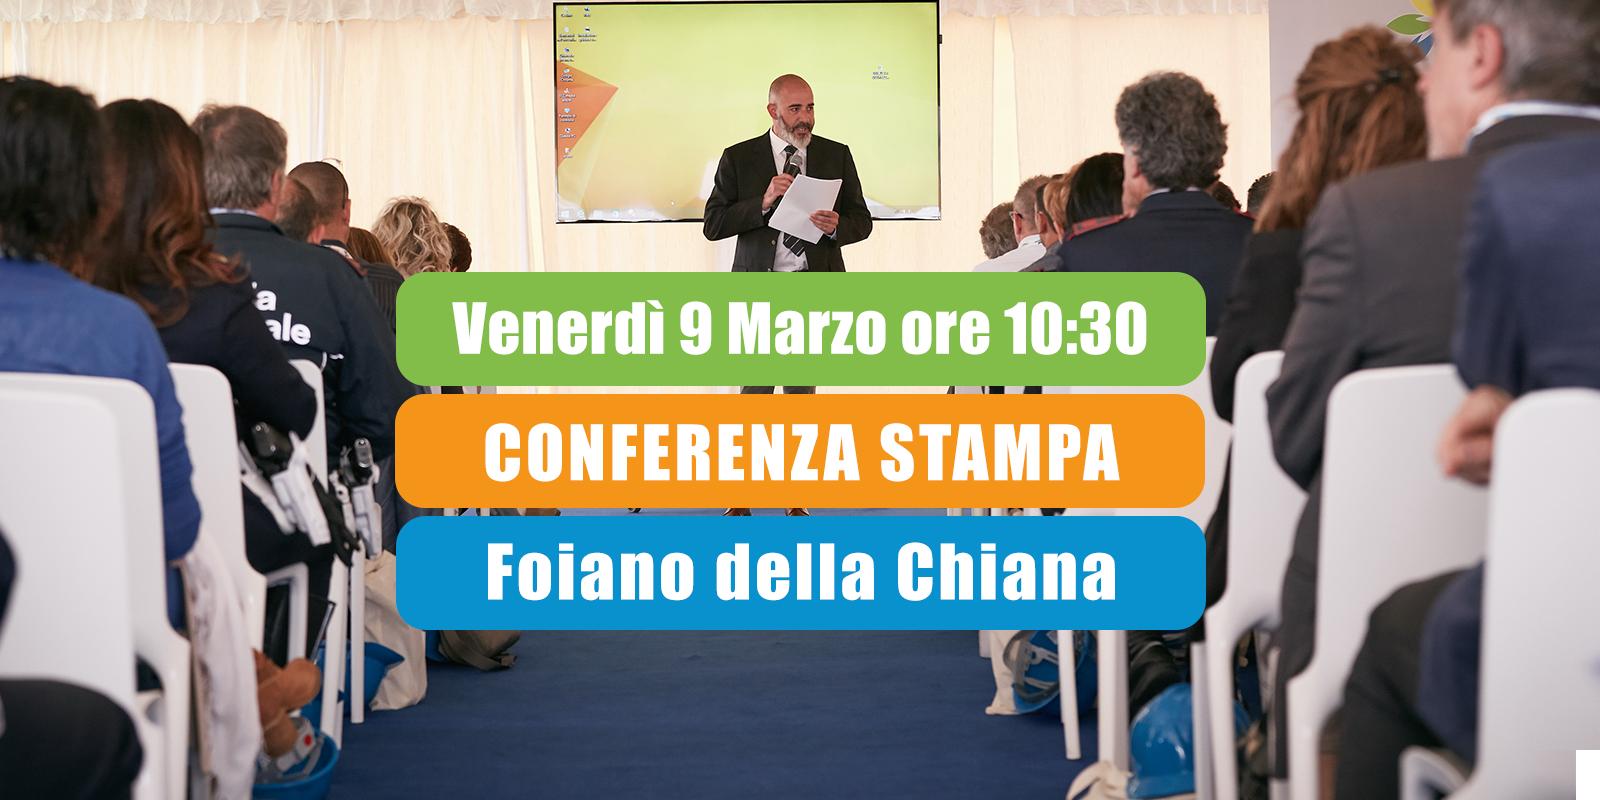 Conferenza Stampa Aisa Impianti @Foiano della Chiana